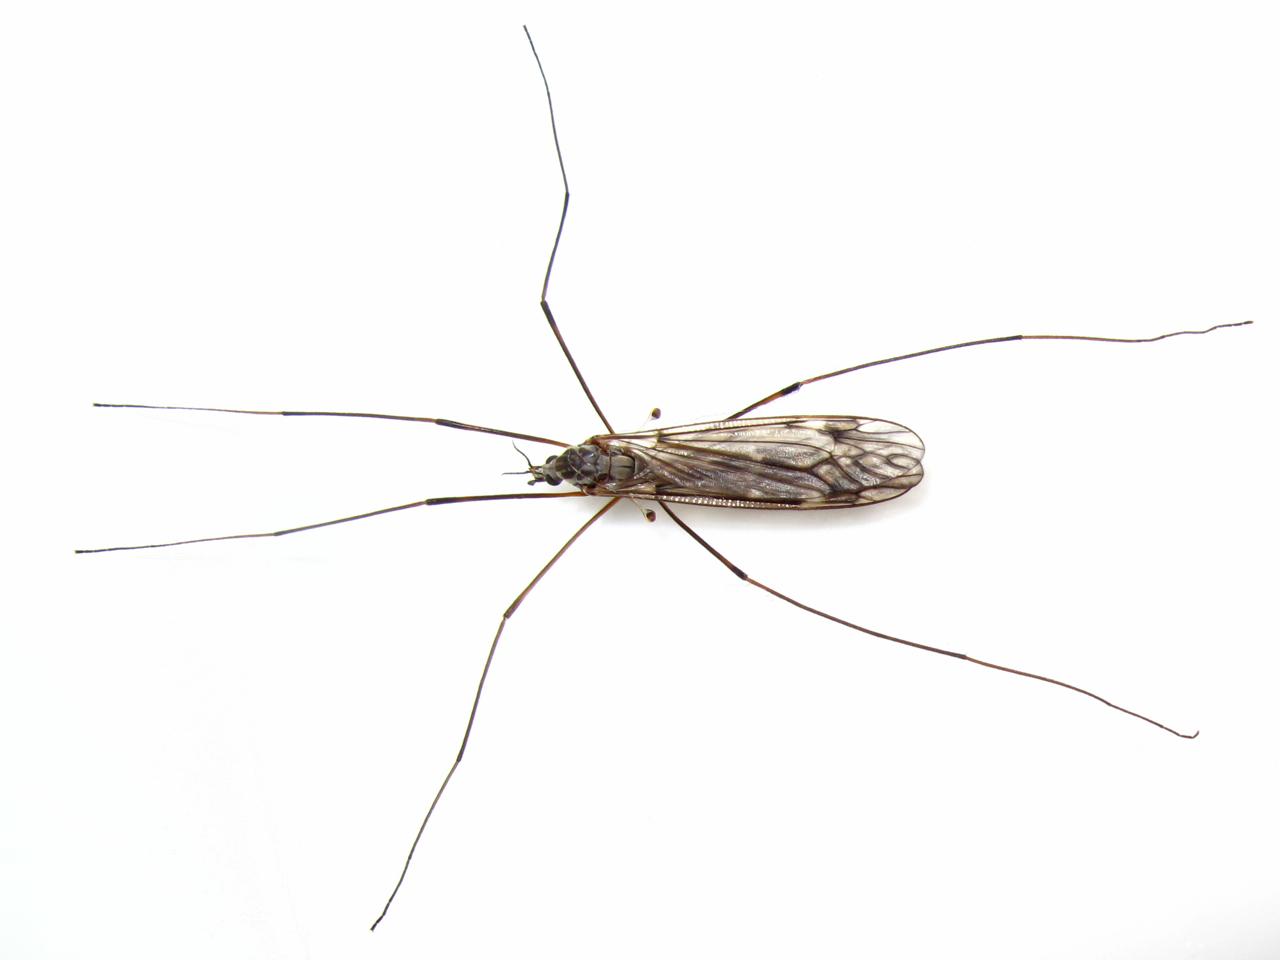 BugBlog: Crane Fly halteres